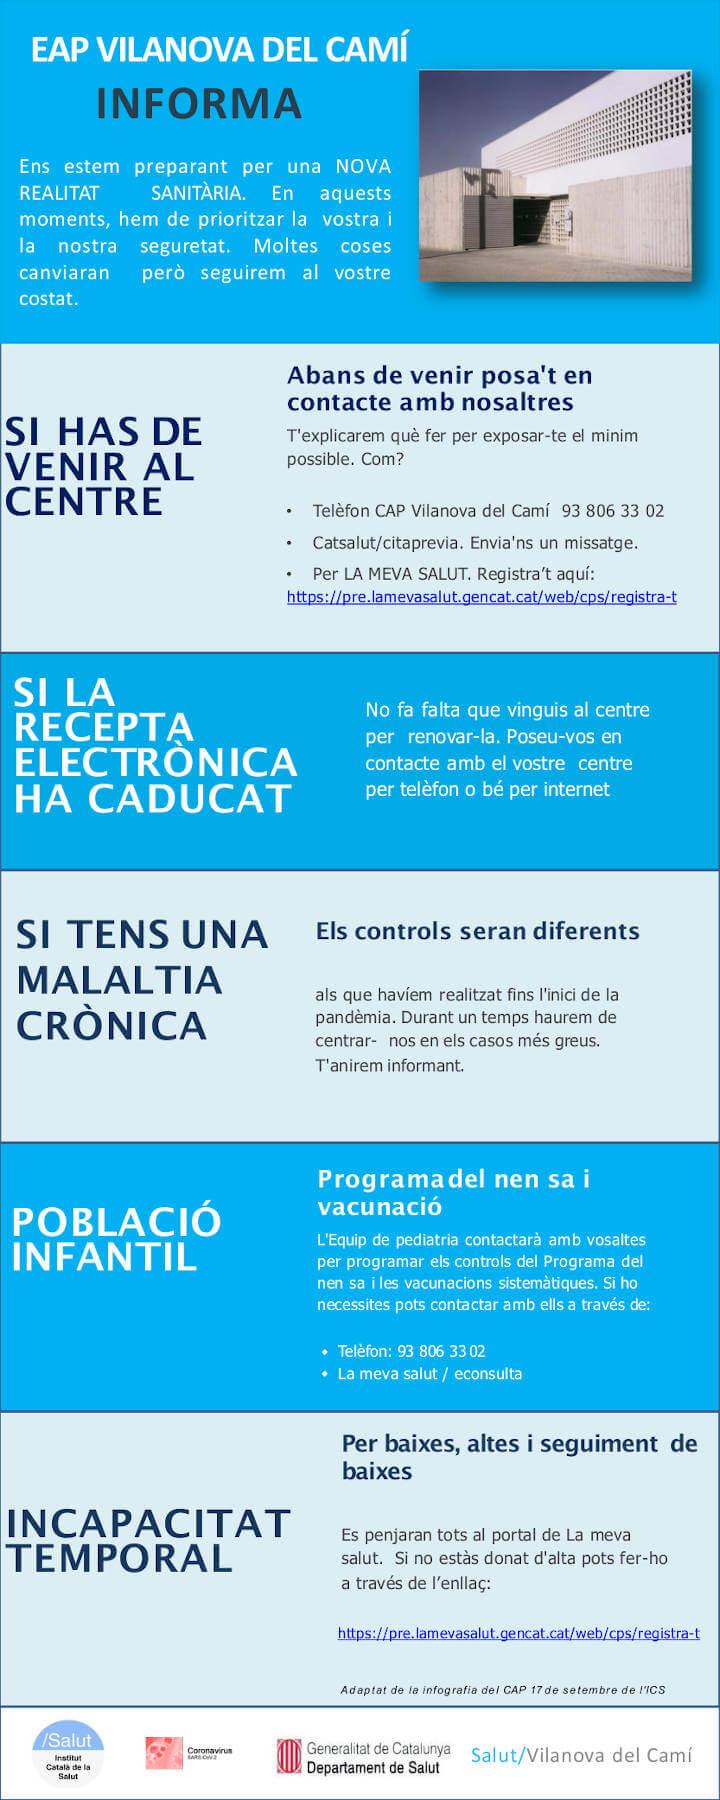 CAP Vilanova del Camí